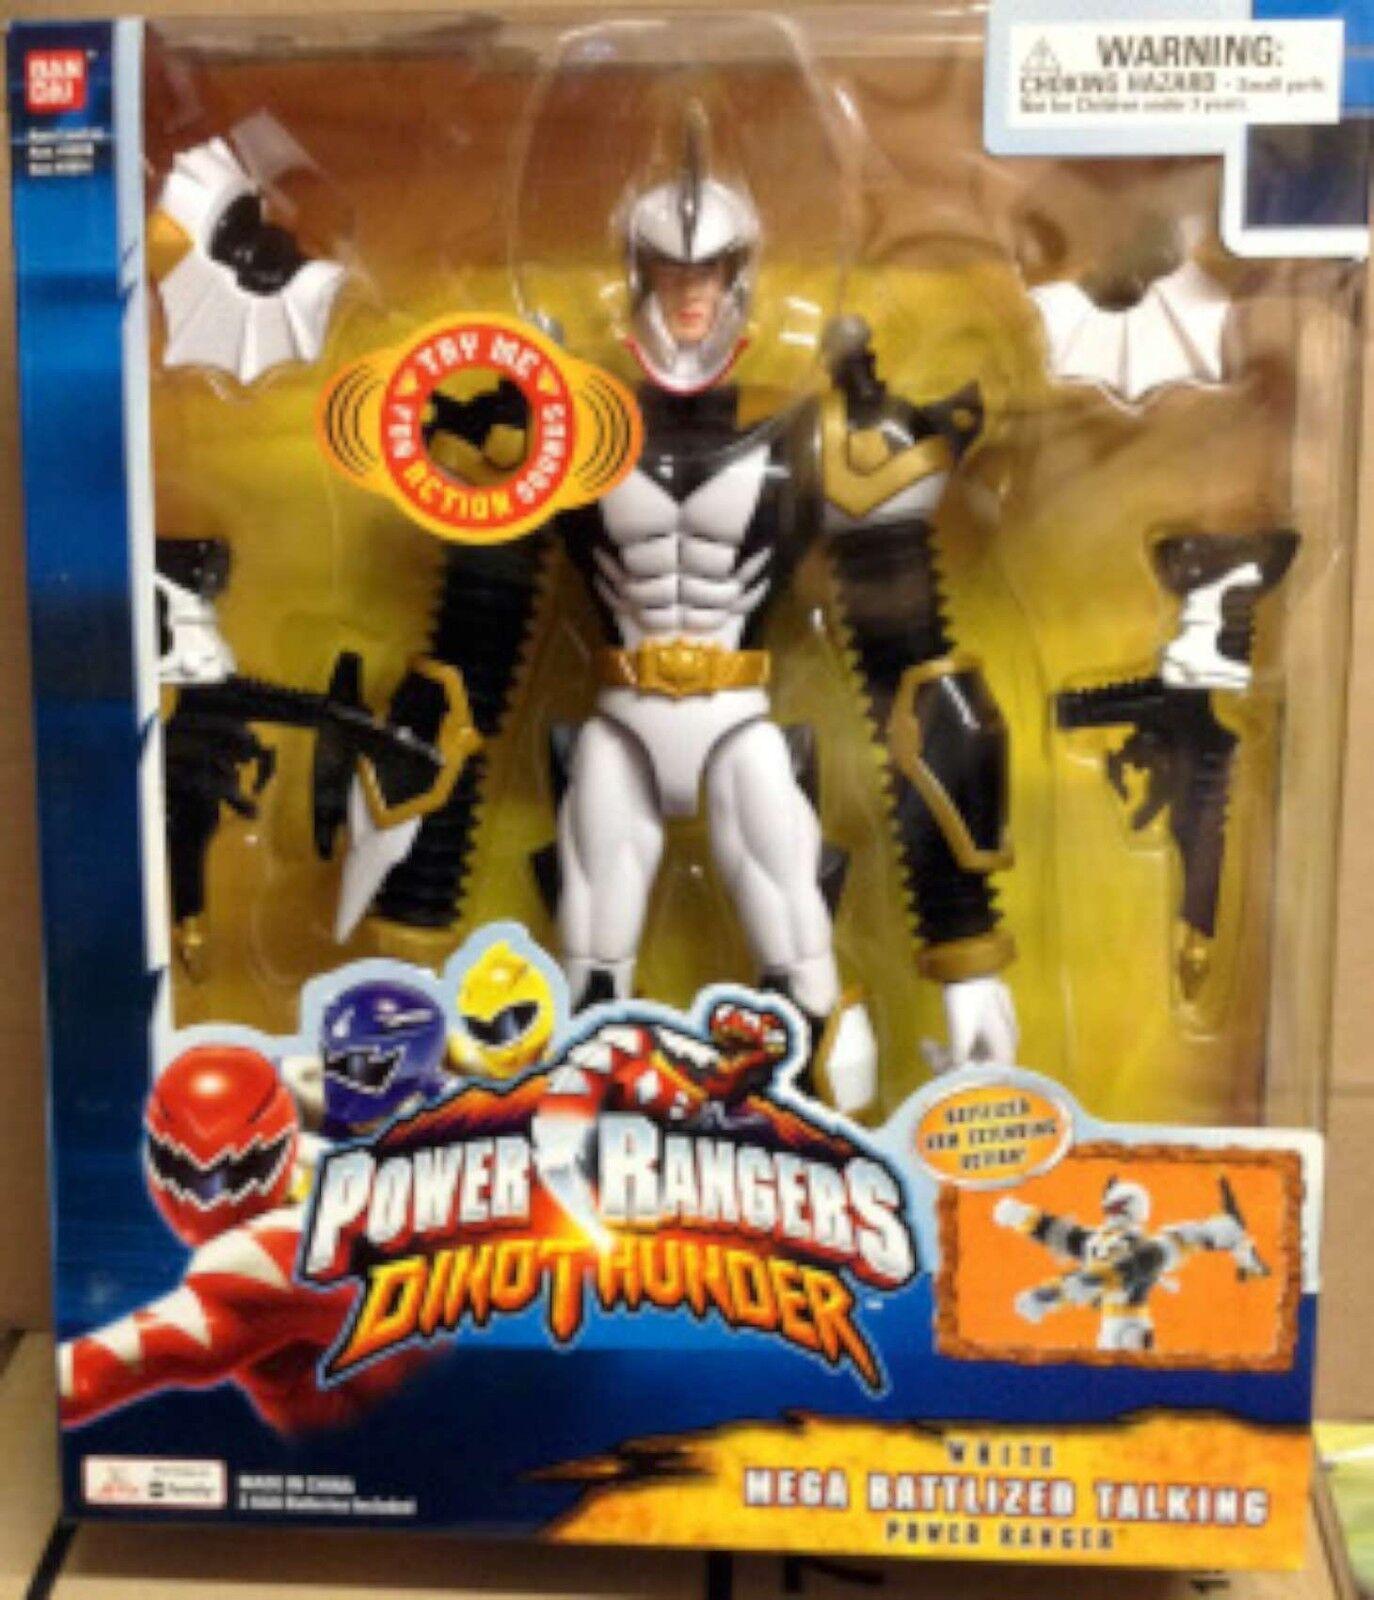 POWER RANGERS DINO THUNDER Weiß MEGA BATTLIZED TALKING POWER RANGER 12